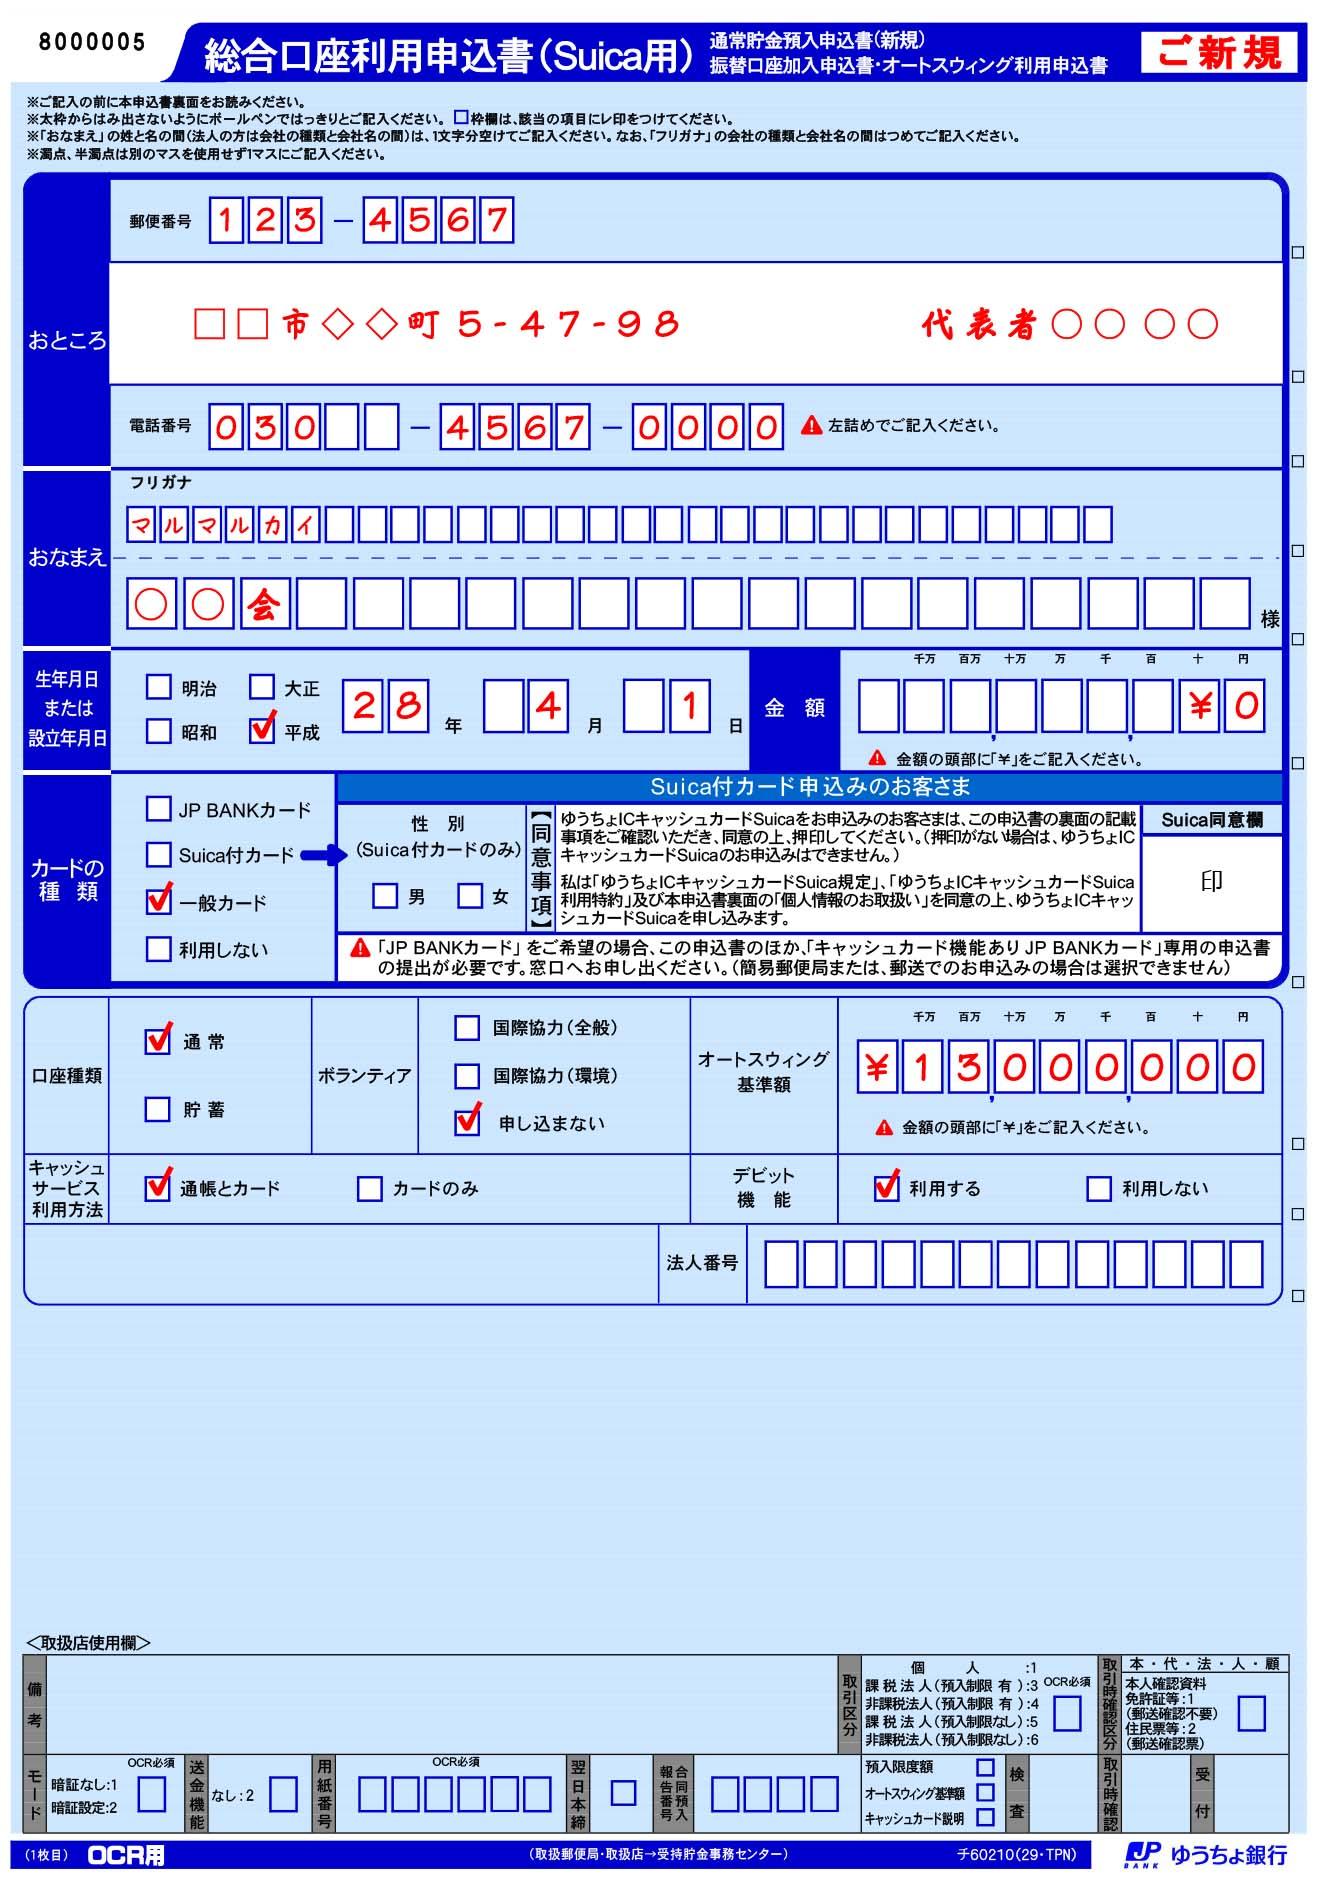 ゆうちょ銀行郵便局